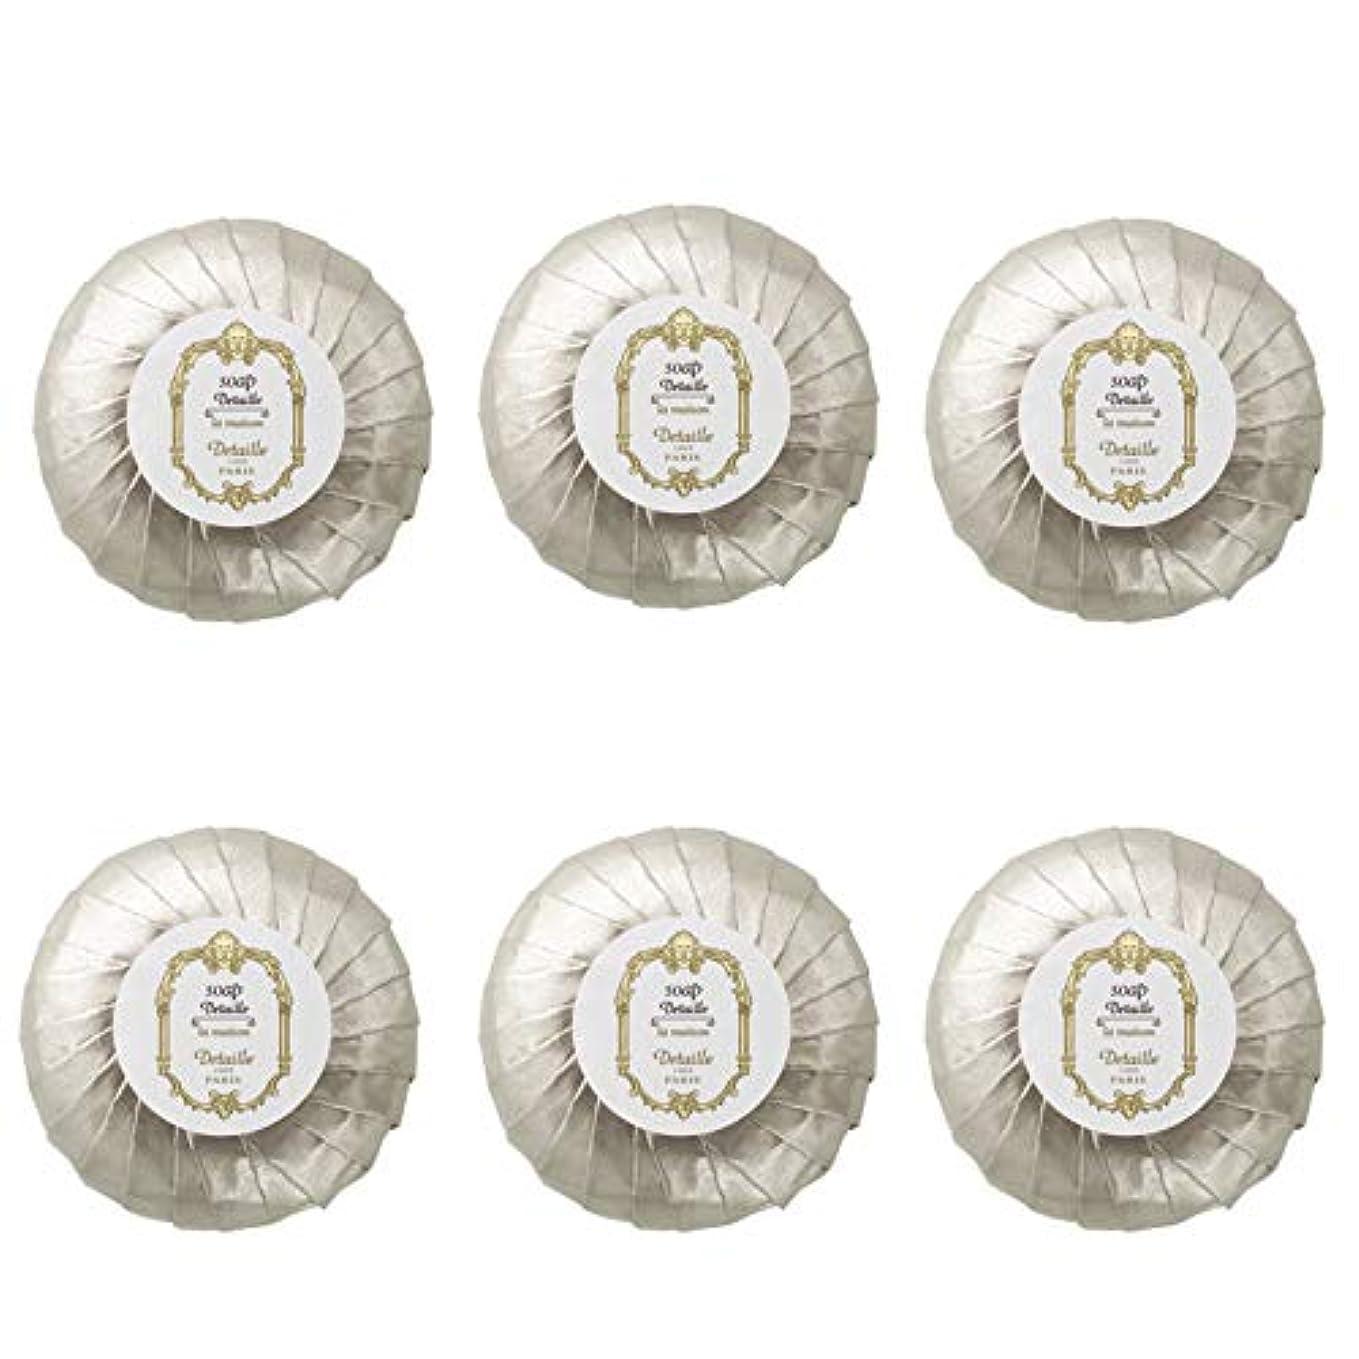 ドリルドット彼女のPOLA デタイユ ラ メゾン スキンソープ 固形石鹸 (プリーツ包装) 50g×6個